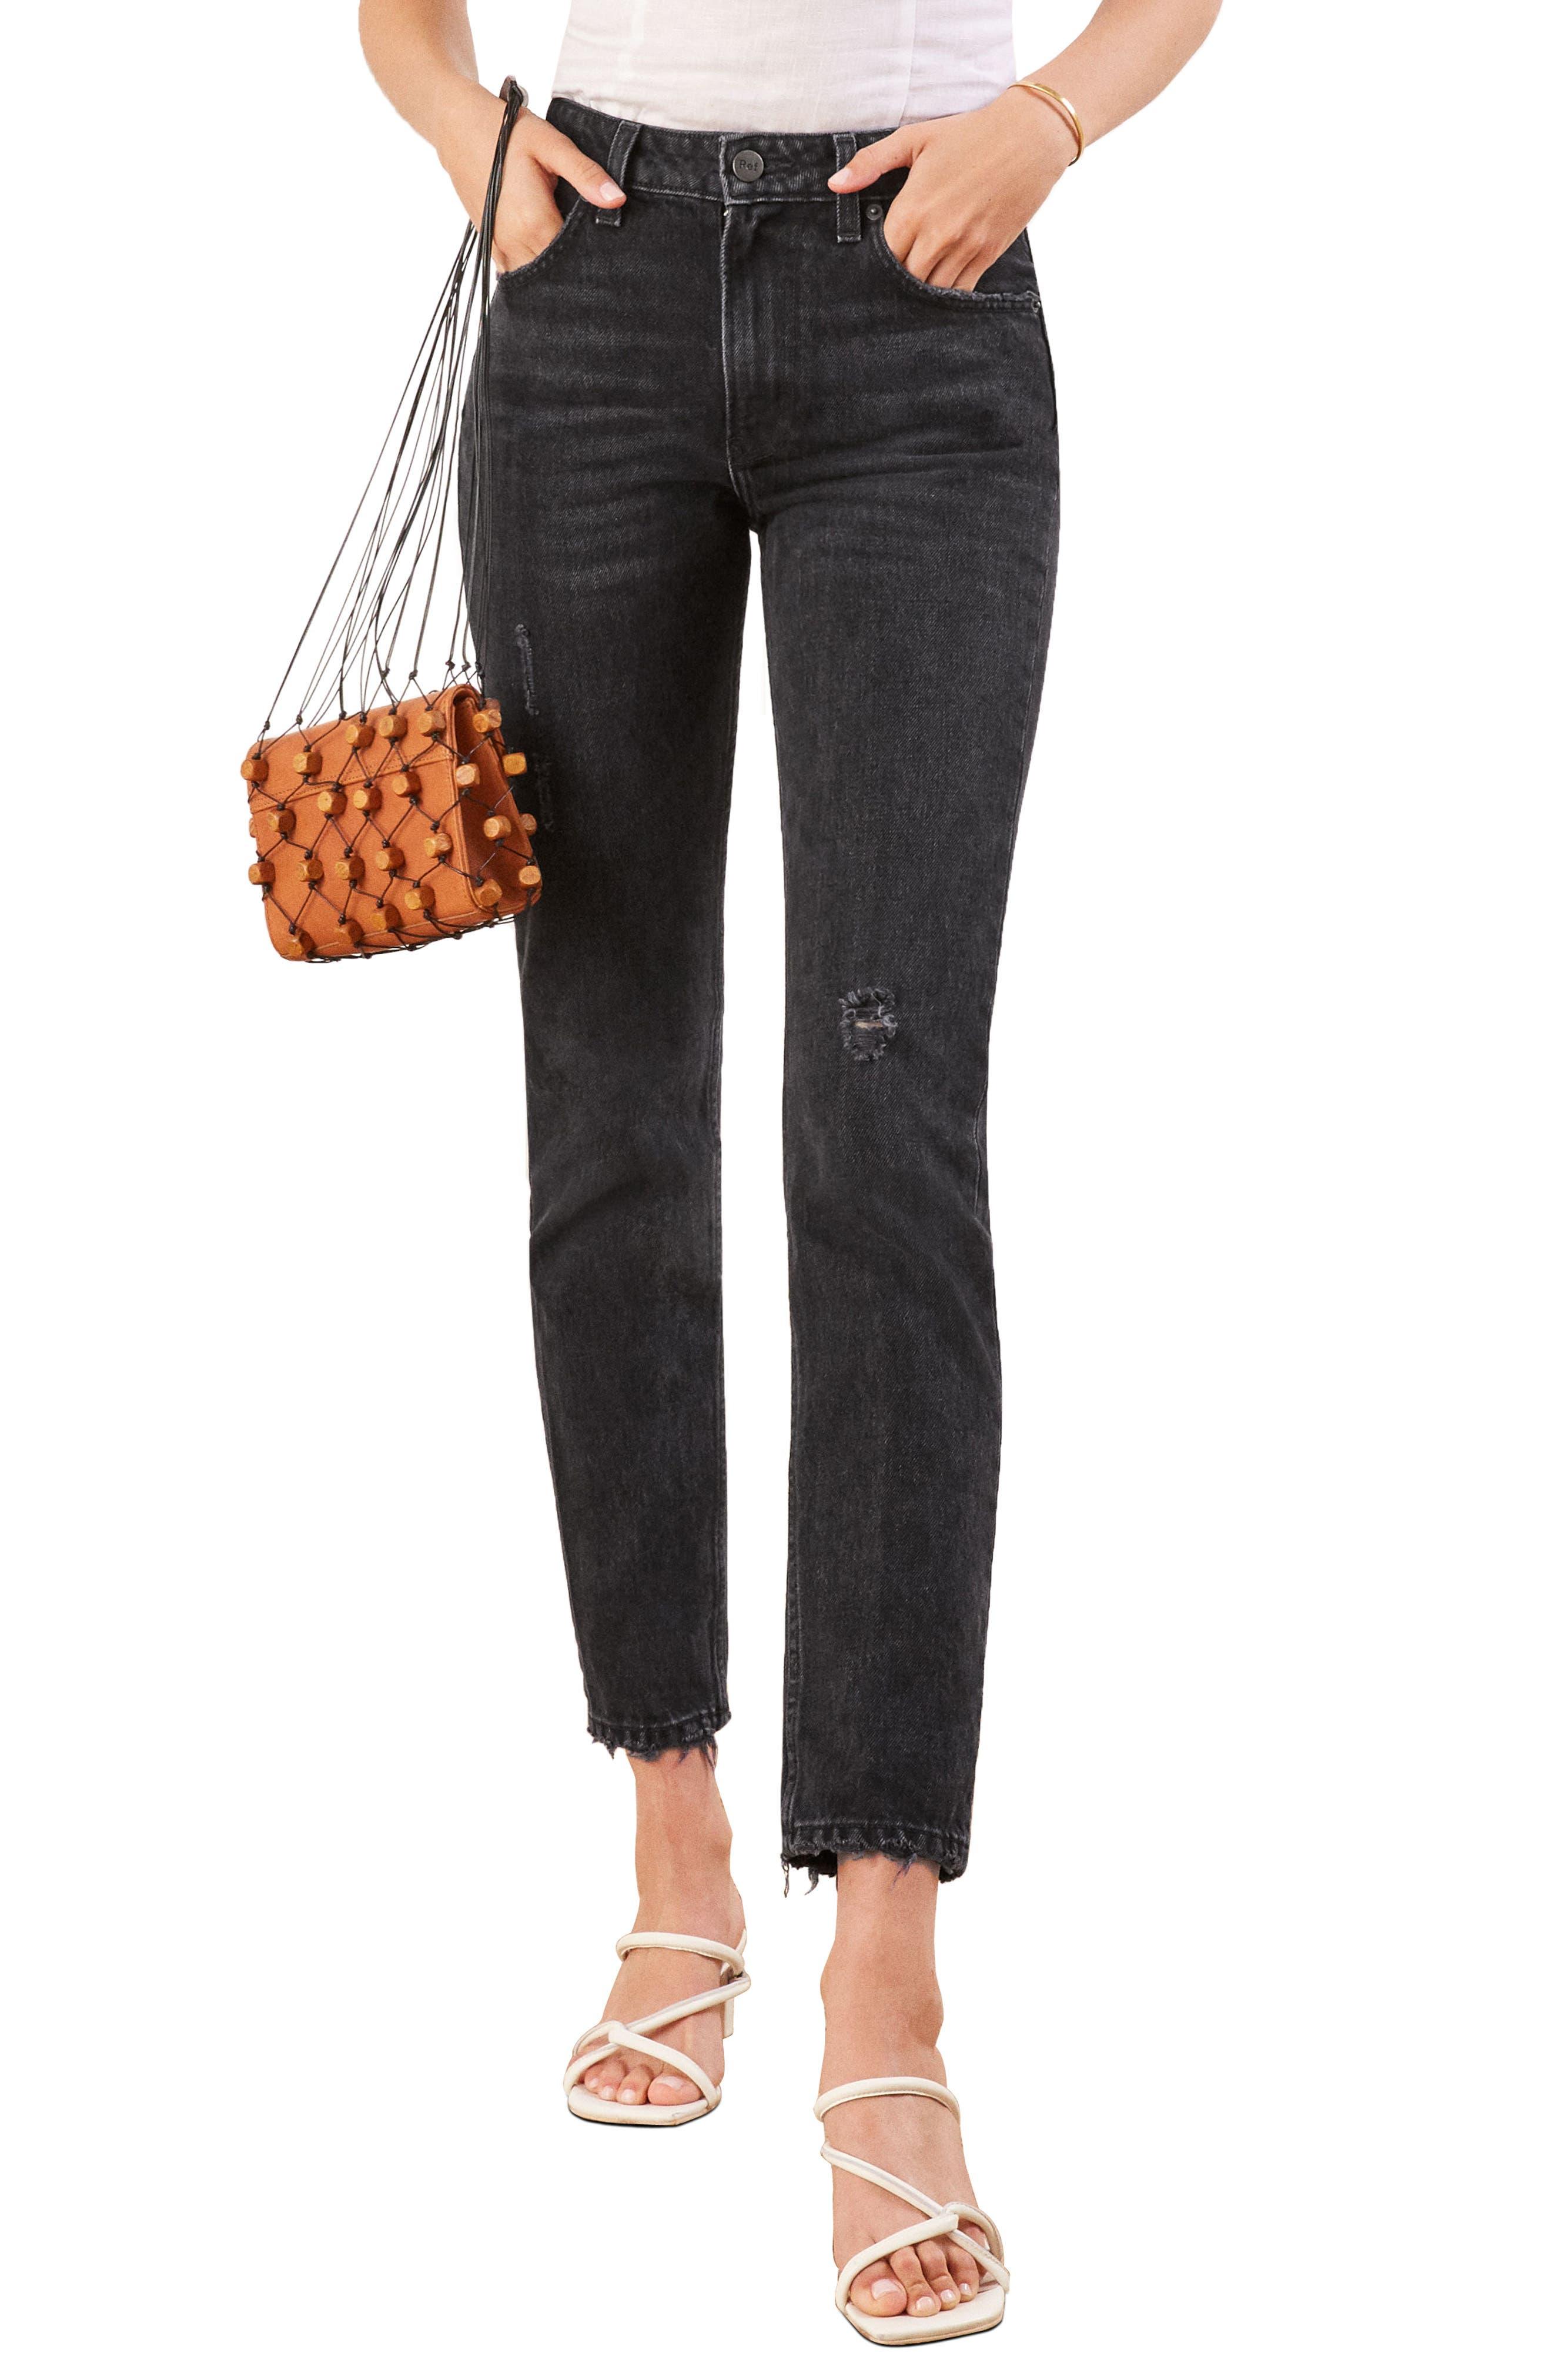 REFORMATION, Julia High Waist Cigarette Jeans, Main thumbnail 1, color, BLACK